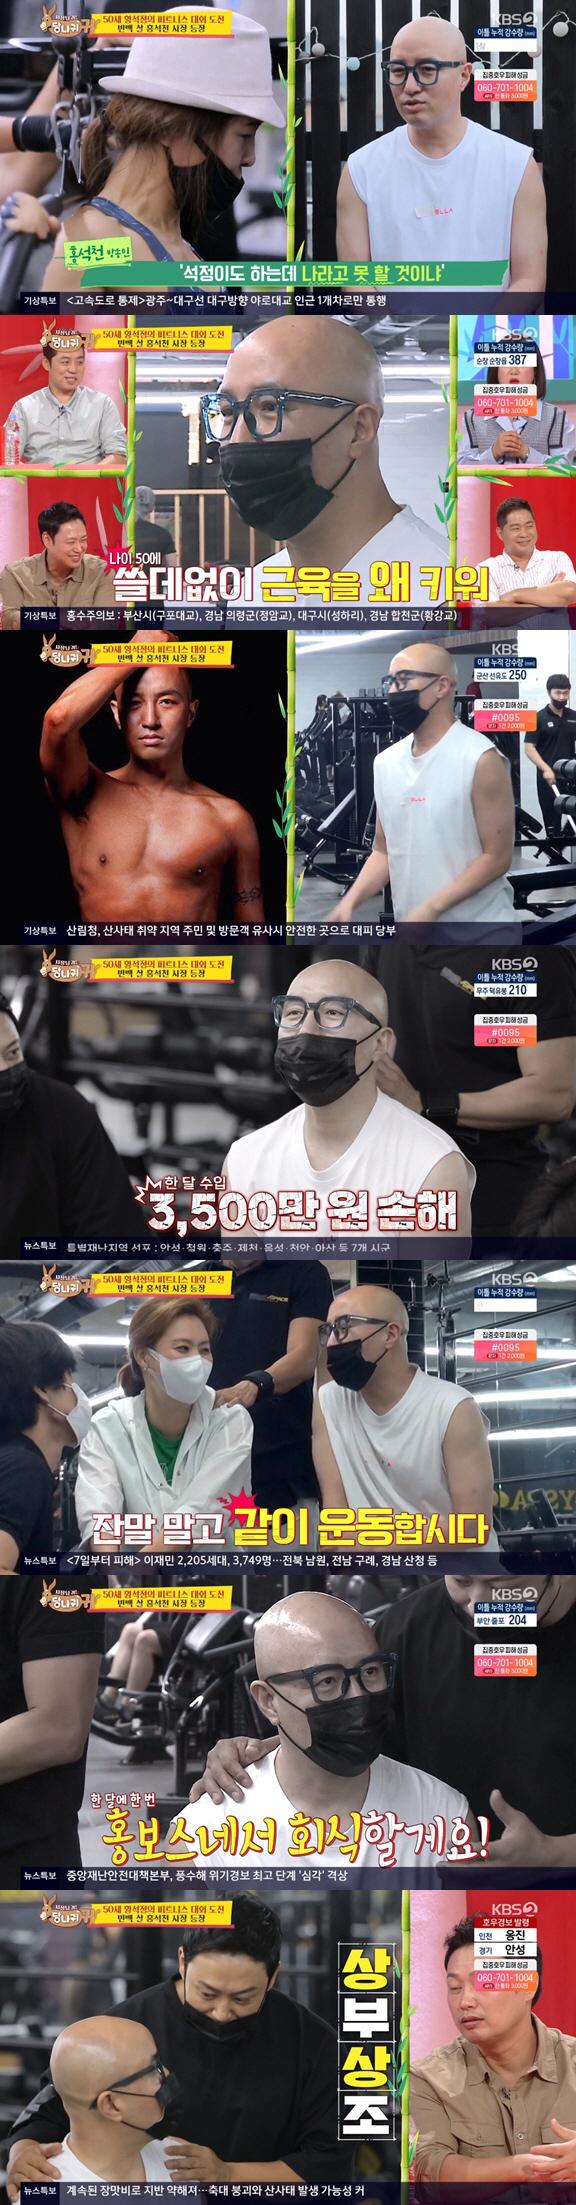 9일 방송된 KBS 2TV 예능 프로그램 '사장님 귀는 당나귀 귀'에서는 방송인 홍석천이 출연했다. 사진=KBS 2TV '사장님 귀는 당나귀 귀' 방송 캡처